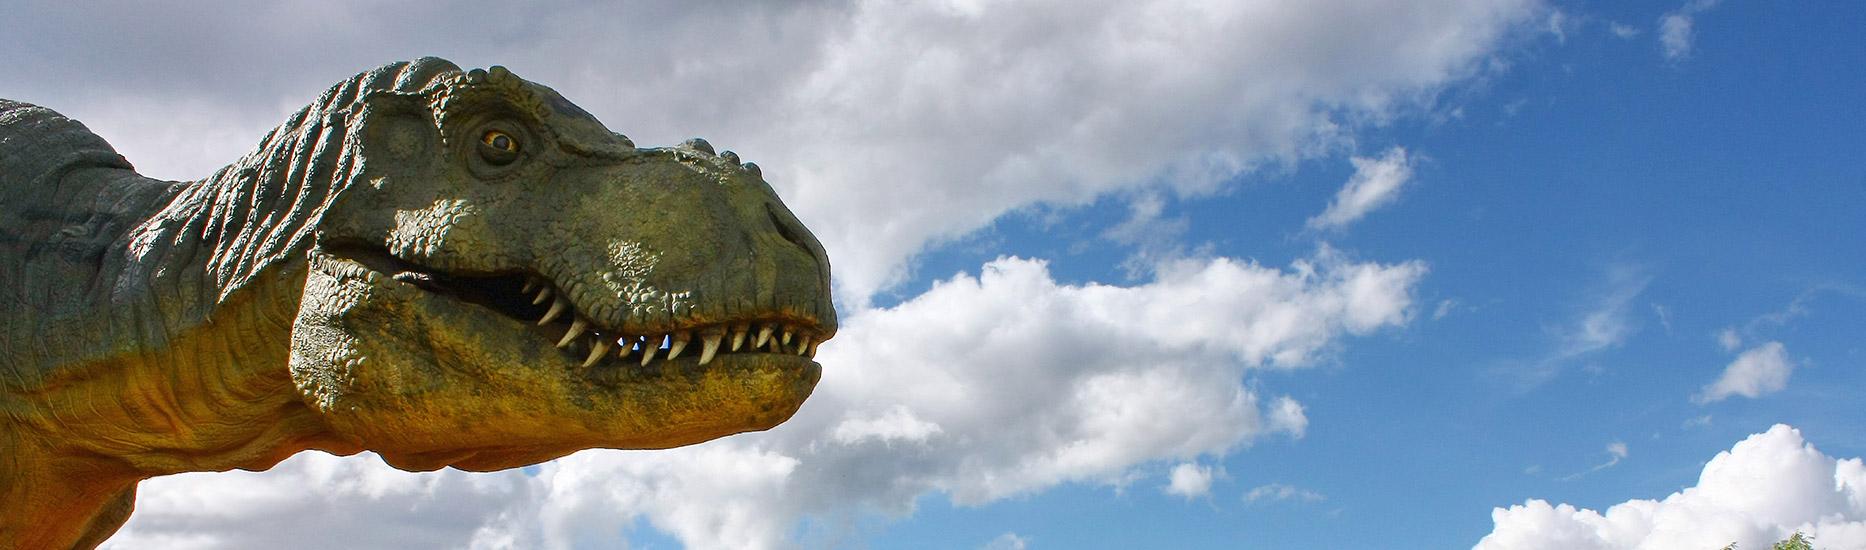 Von Drachen und Dinosauriern